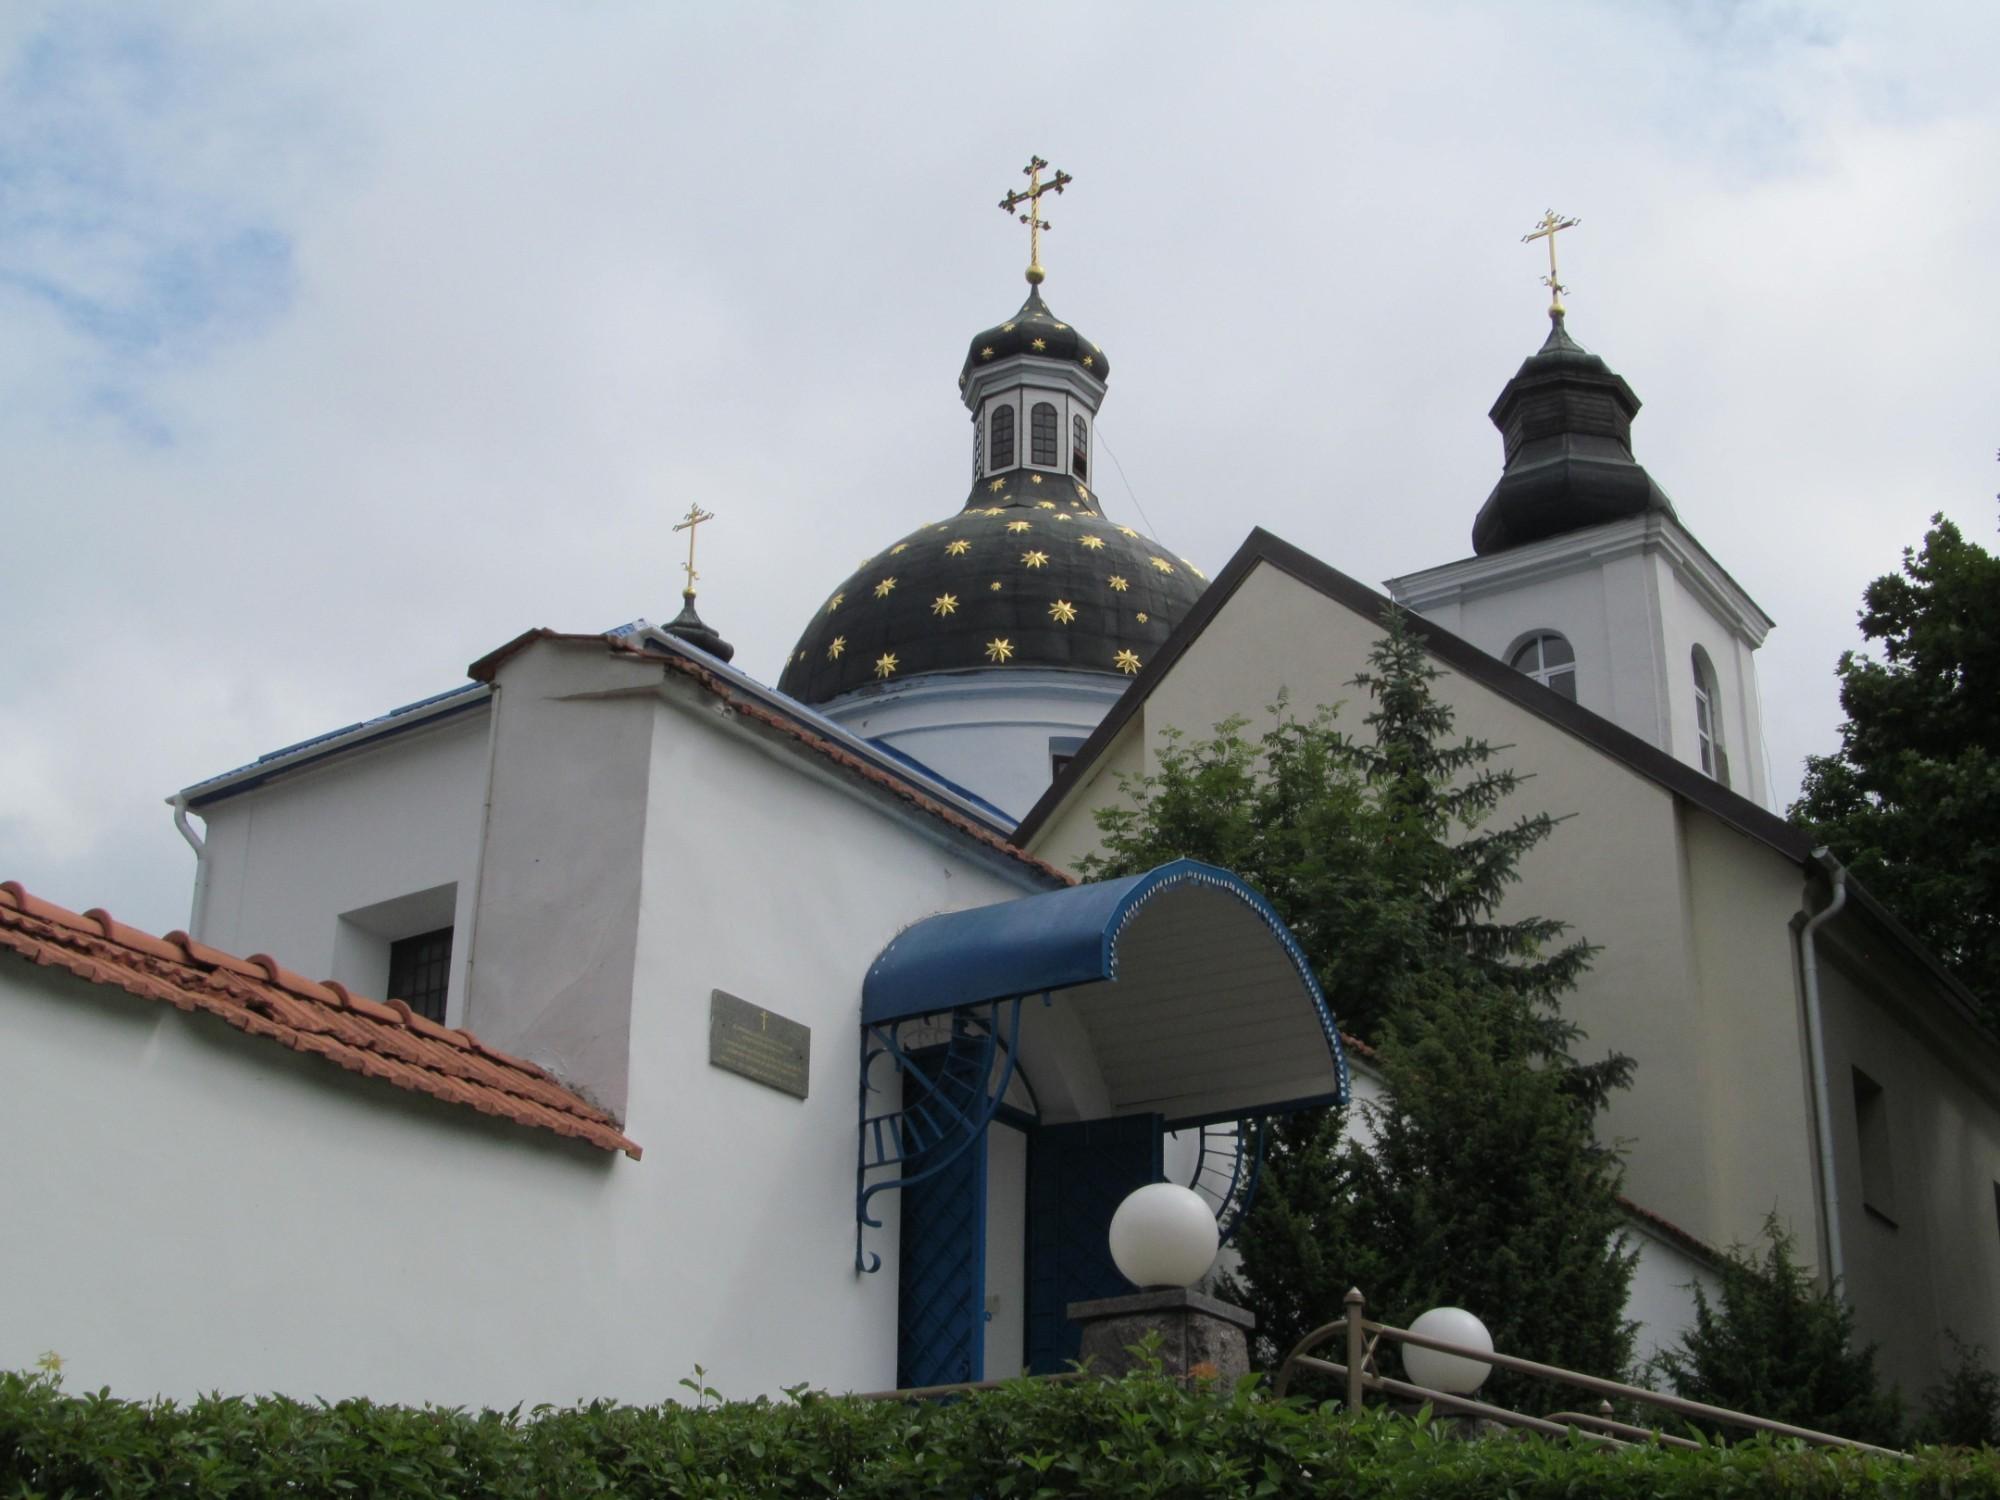 его преимущество лаврушинский монастырь беларусь фото кафе